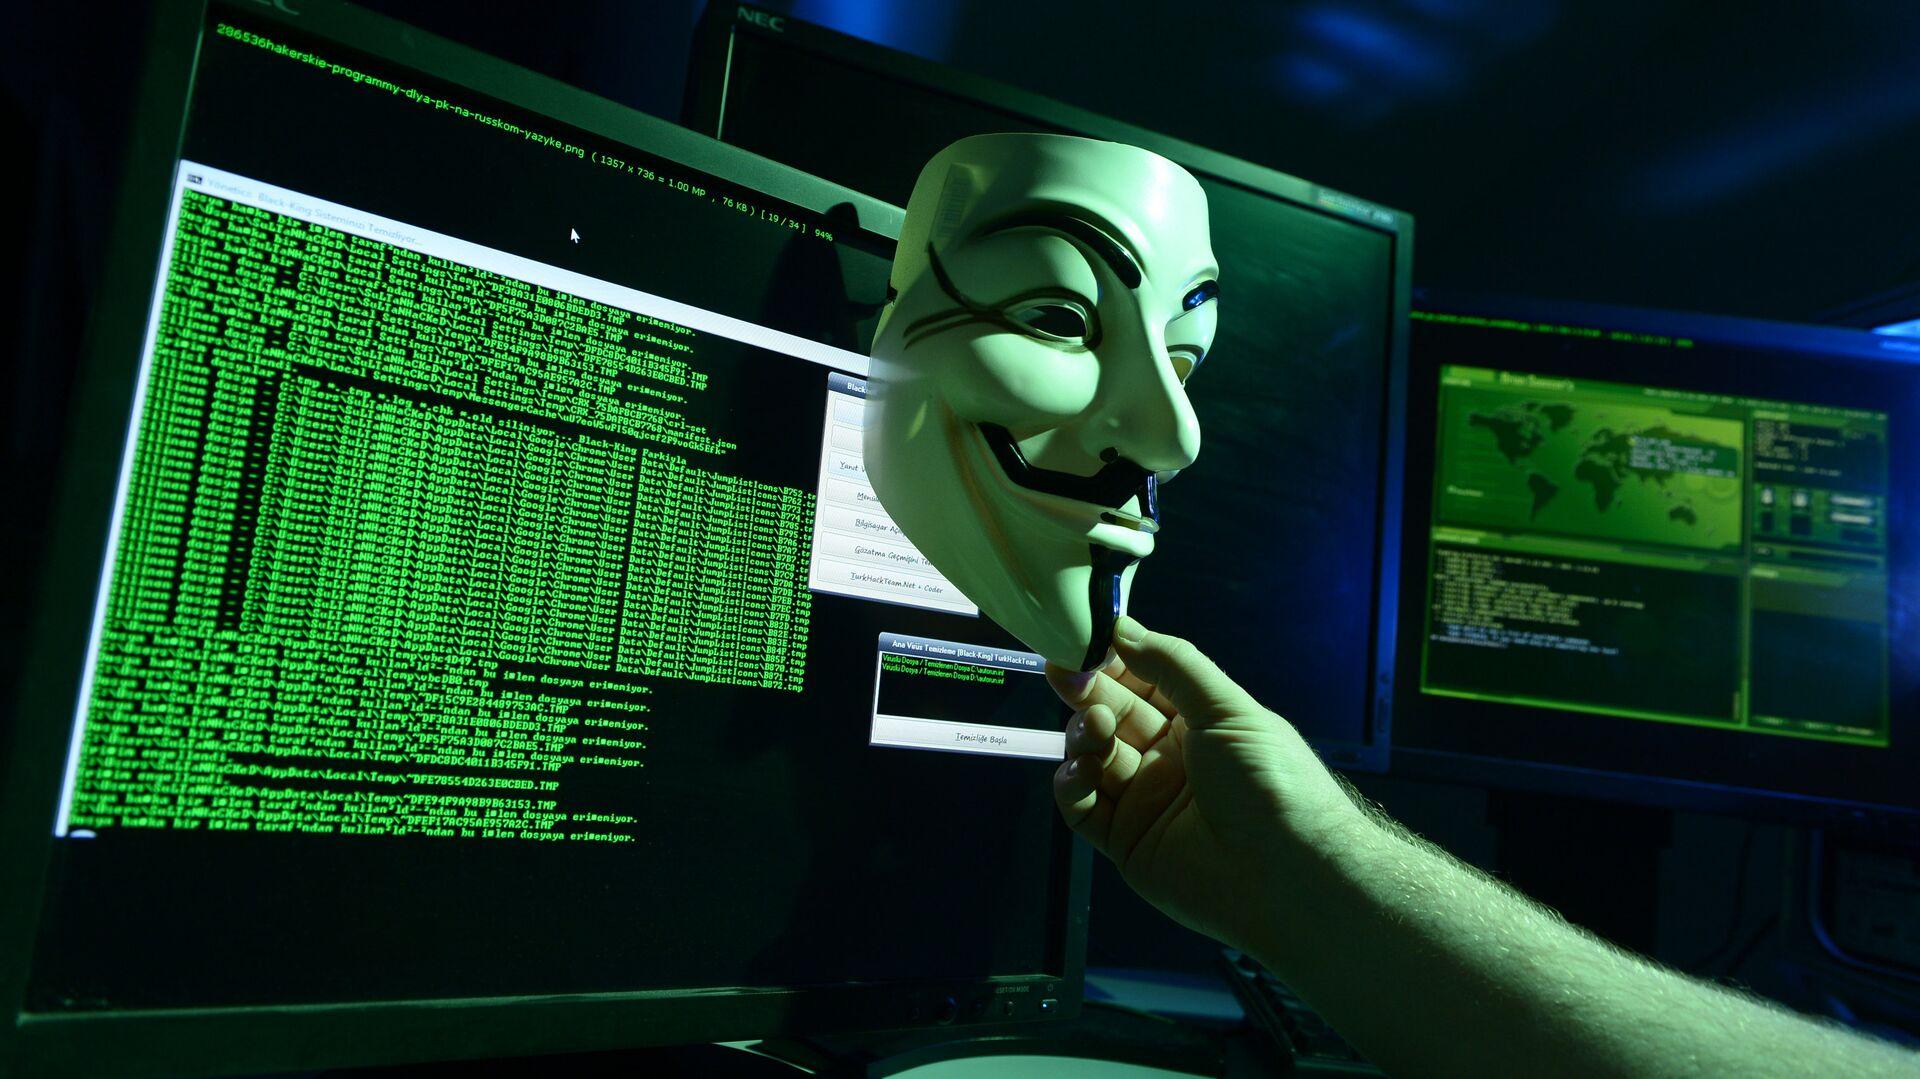 Вирус-вымогатель атаковал IT-системы компаний в разных странах - РИА Новости, 1920, 13.07.2021